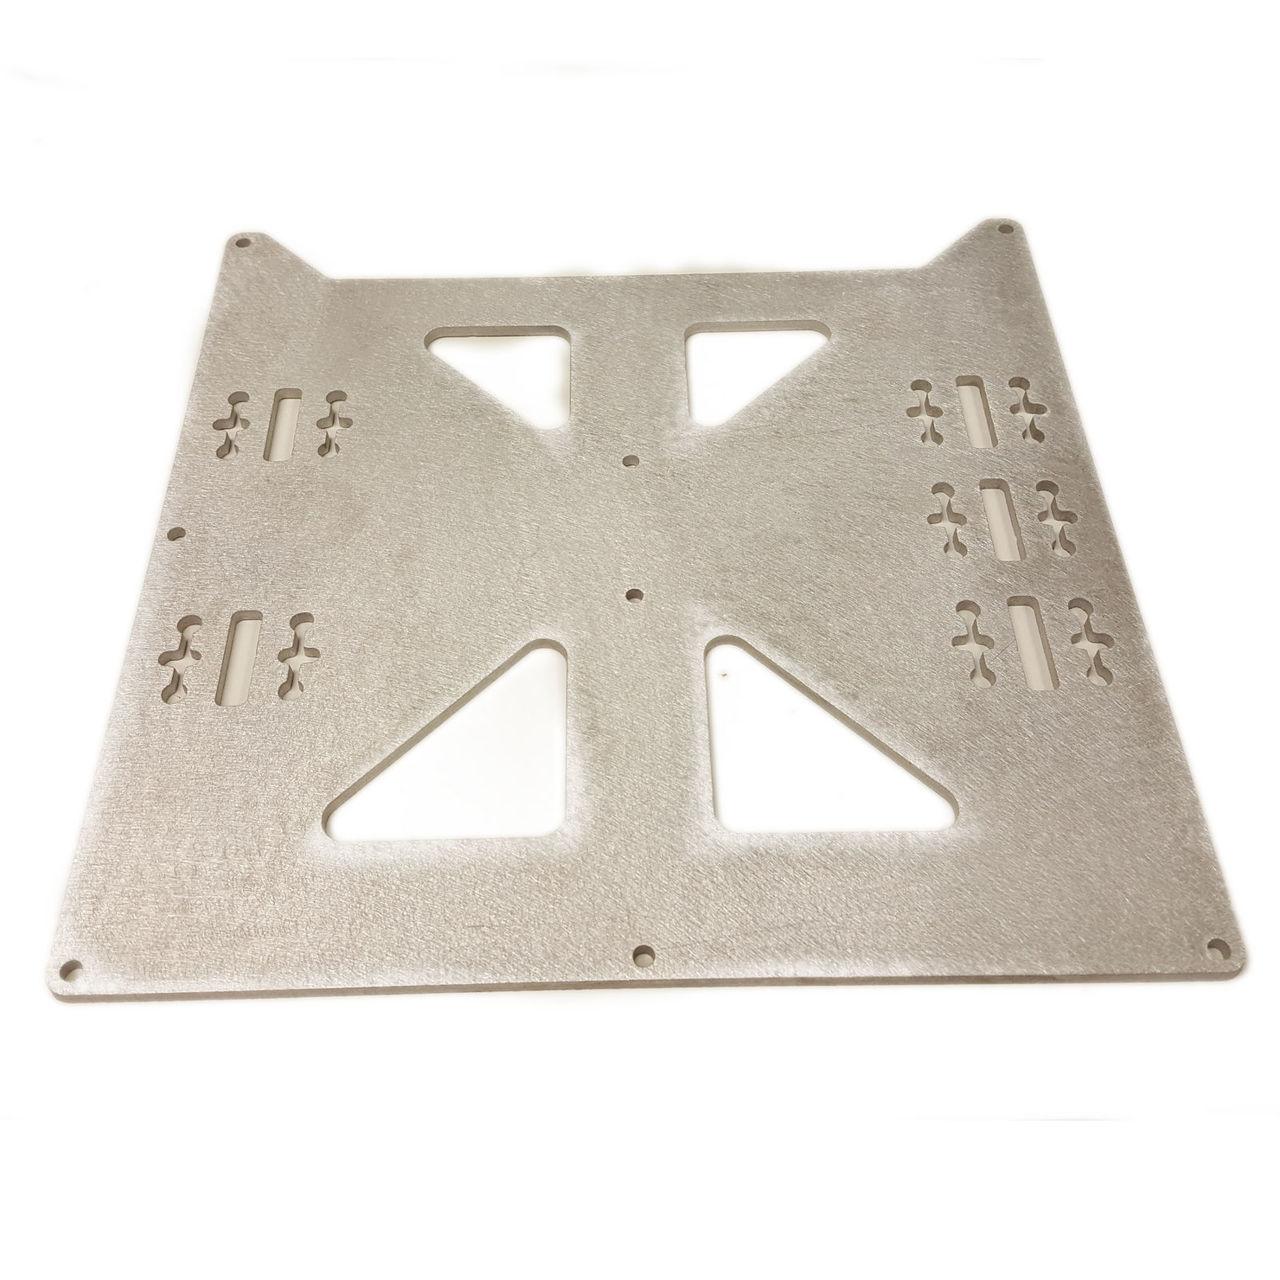 220mm x 220mm x 3mm Aluminum Heat Bed 3D Printing Canada